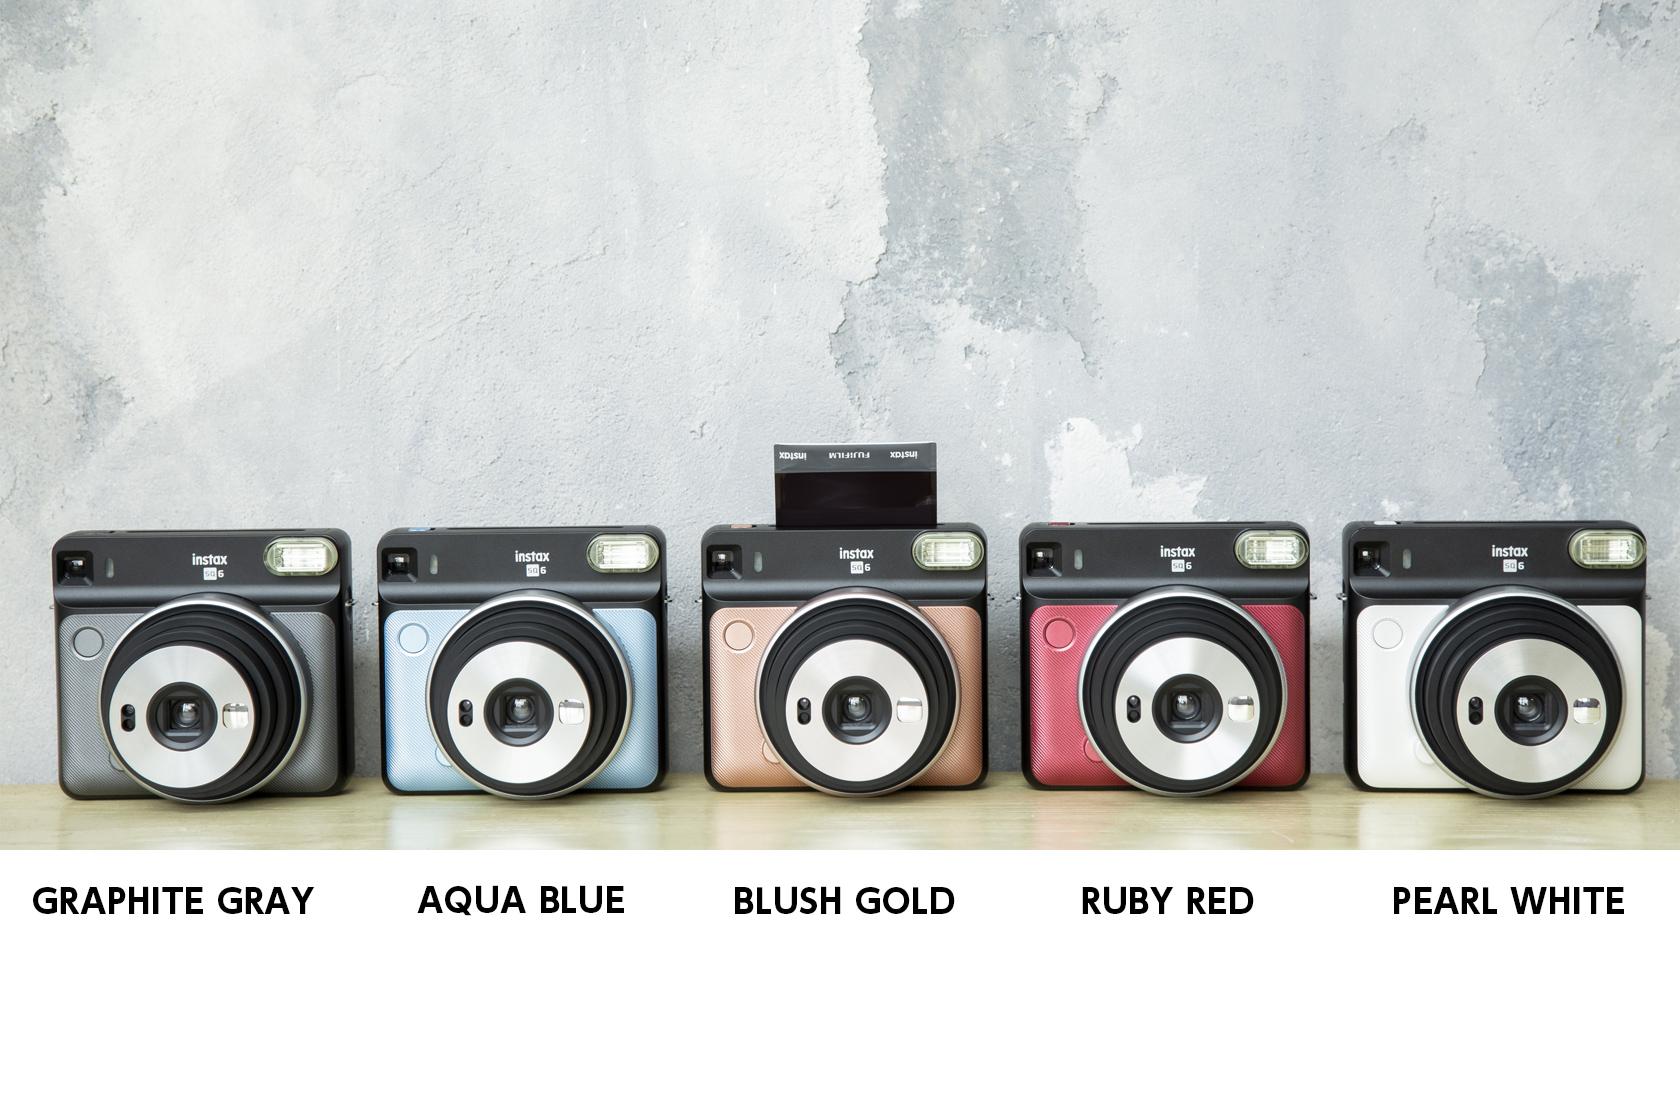 Câmera SQUARE SQ6 nas cinco cores